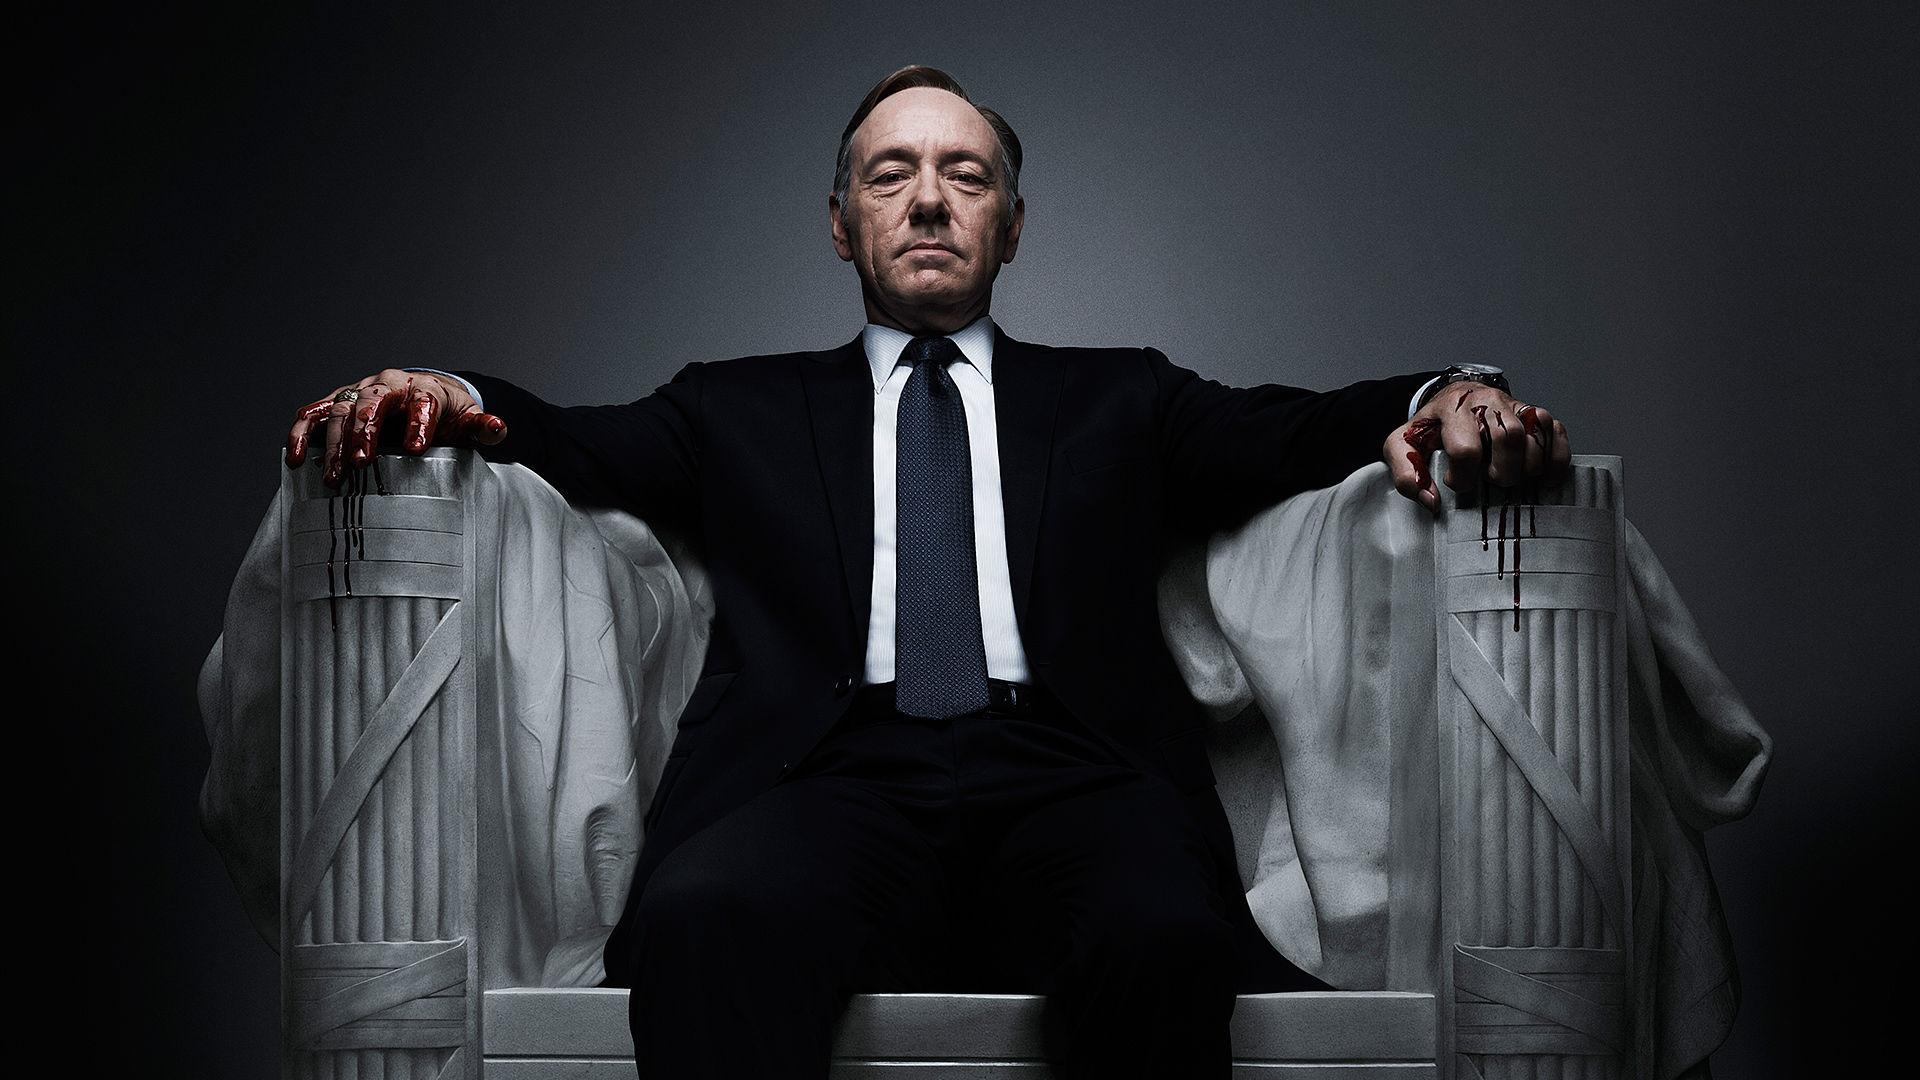 Inspelning av House of Cards sjätte säsong avbryts